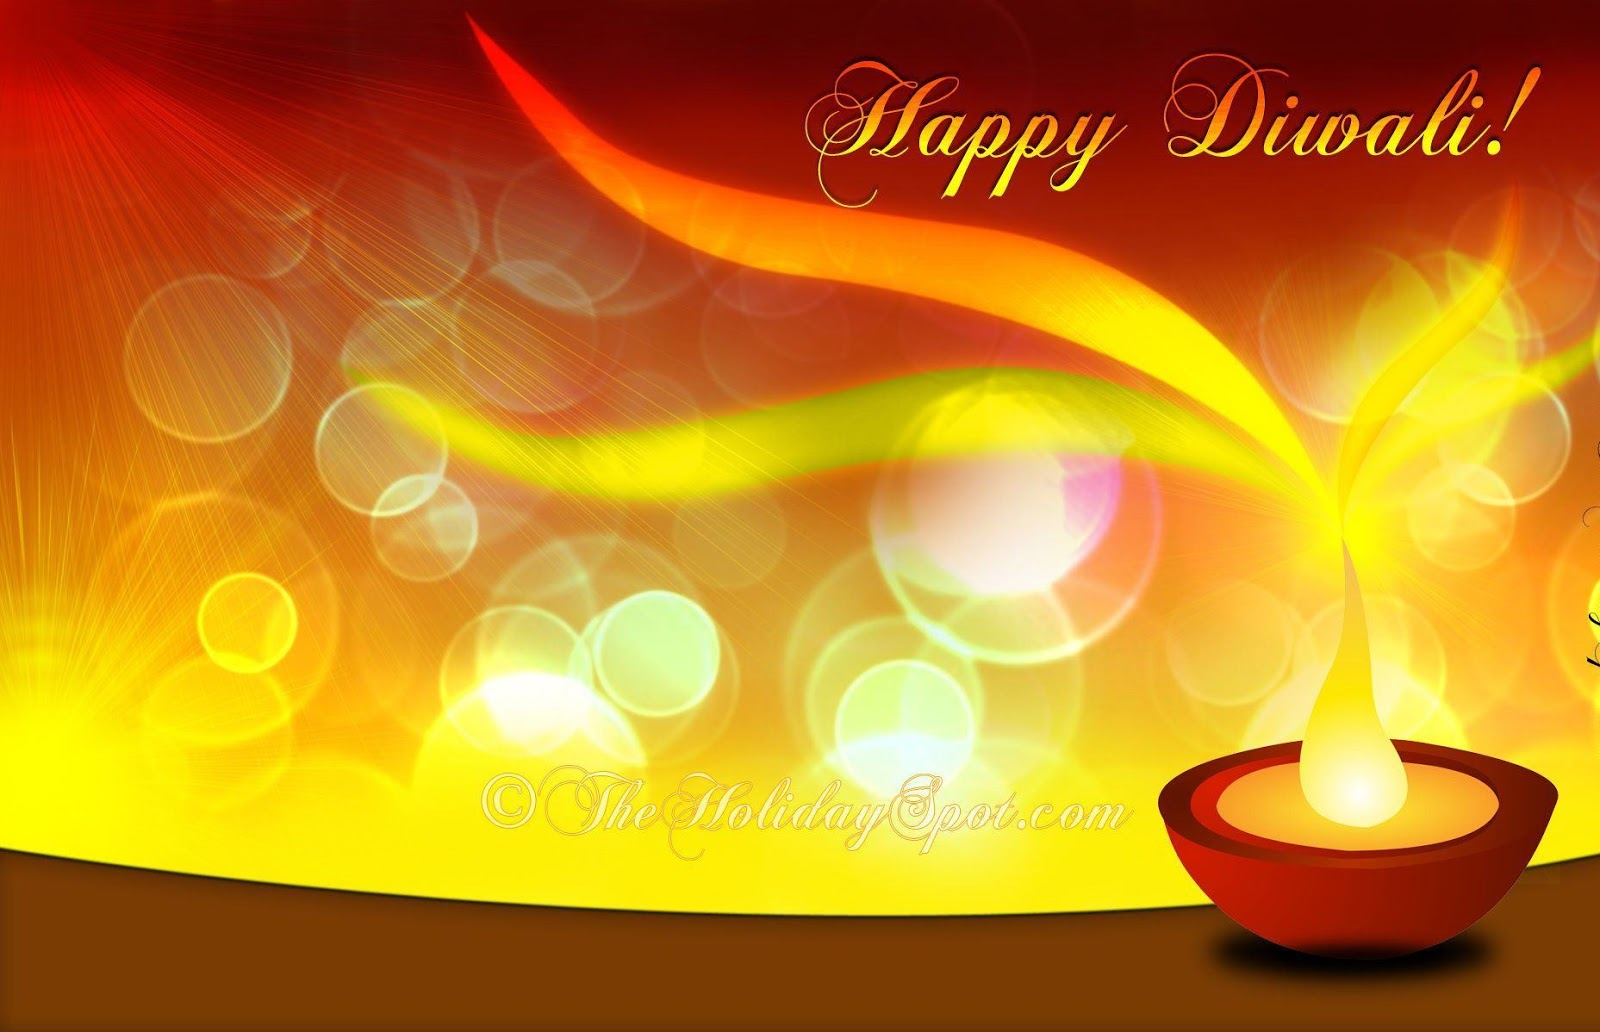 Diwali greeting card in marathi softland diwali greeting card in marathi m4hsunfo